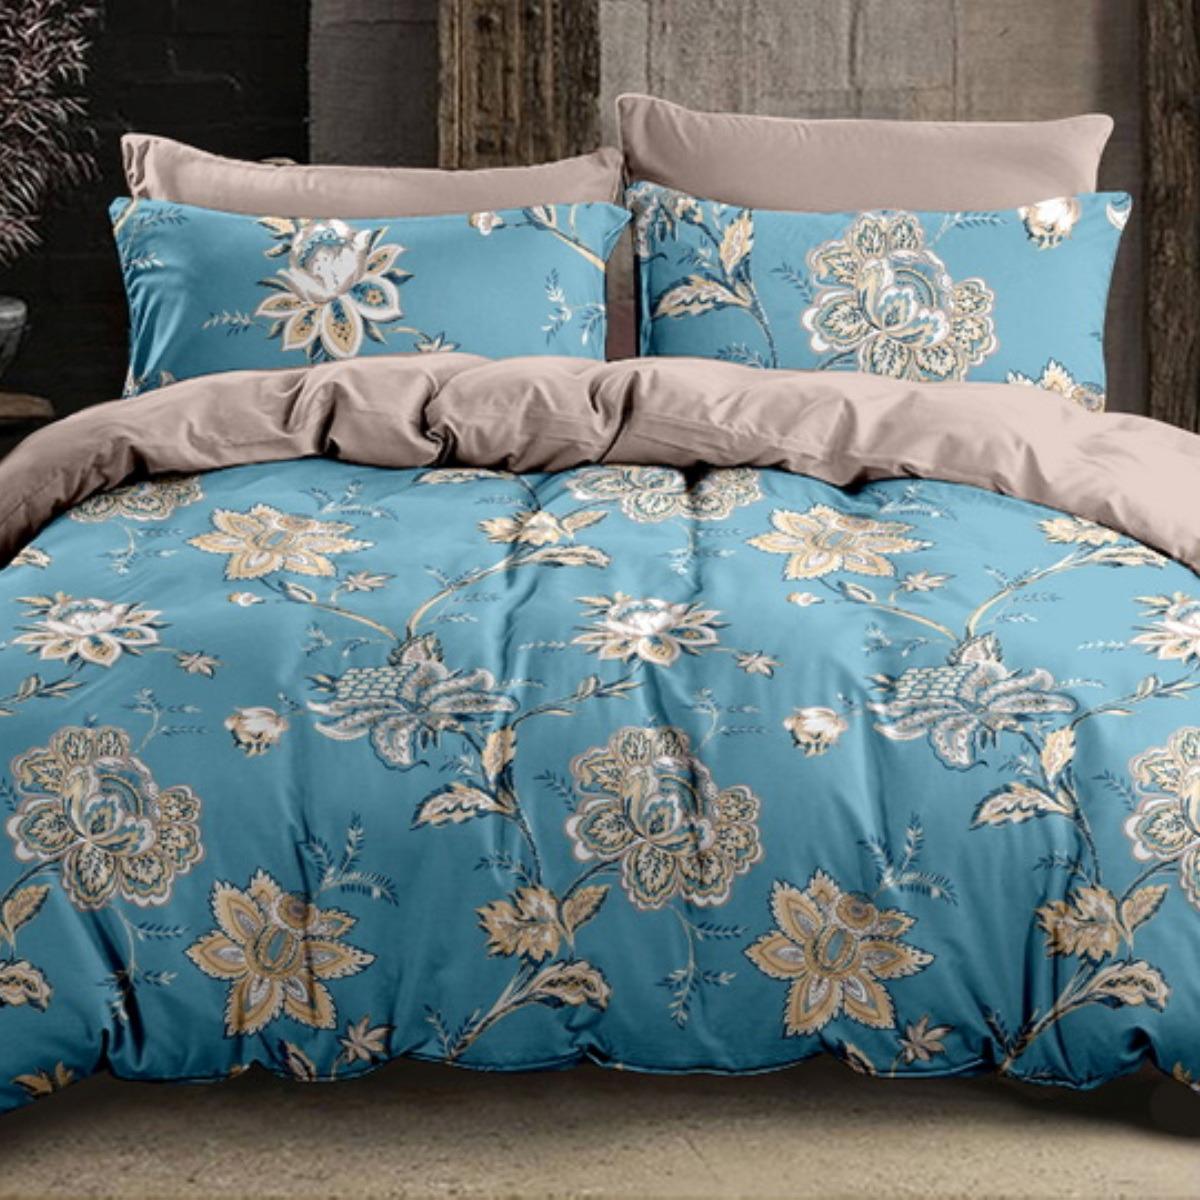 Комплект постельного белья Letto, 2-спальный, наволочки 70х70. PL56-4 комплект белья letto 2 спальный наволочки 70х70 sm119 4